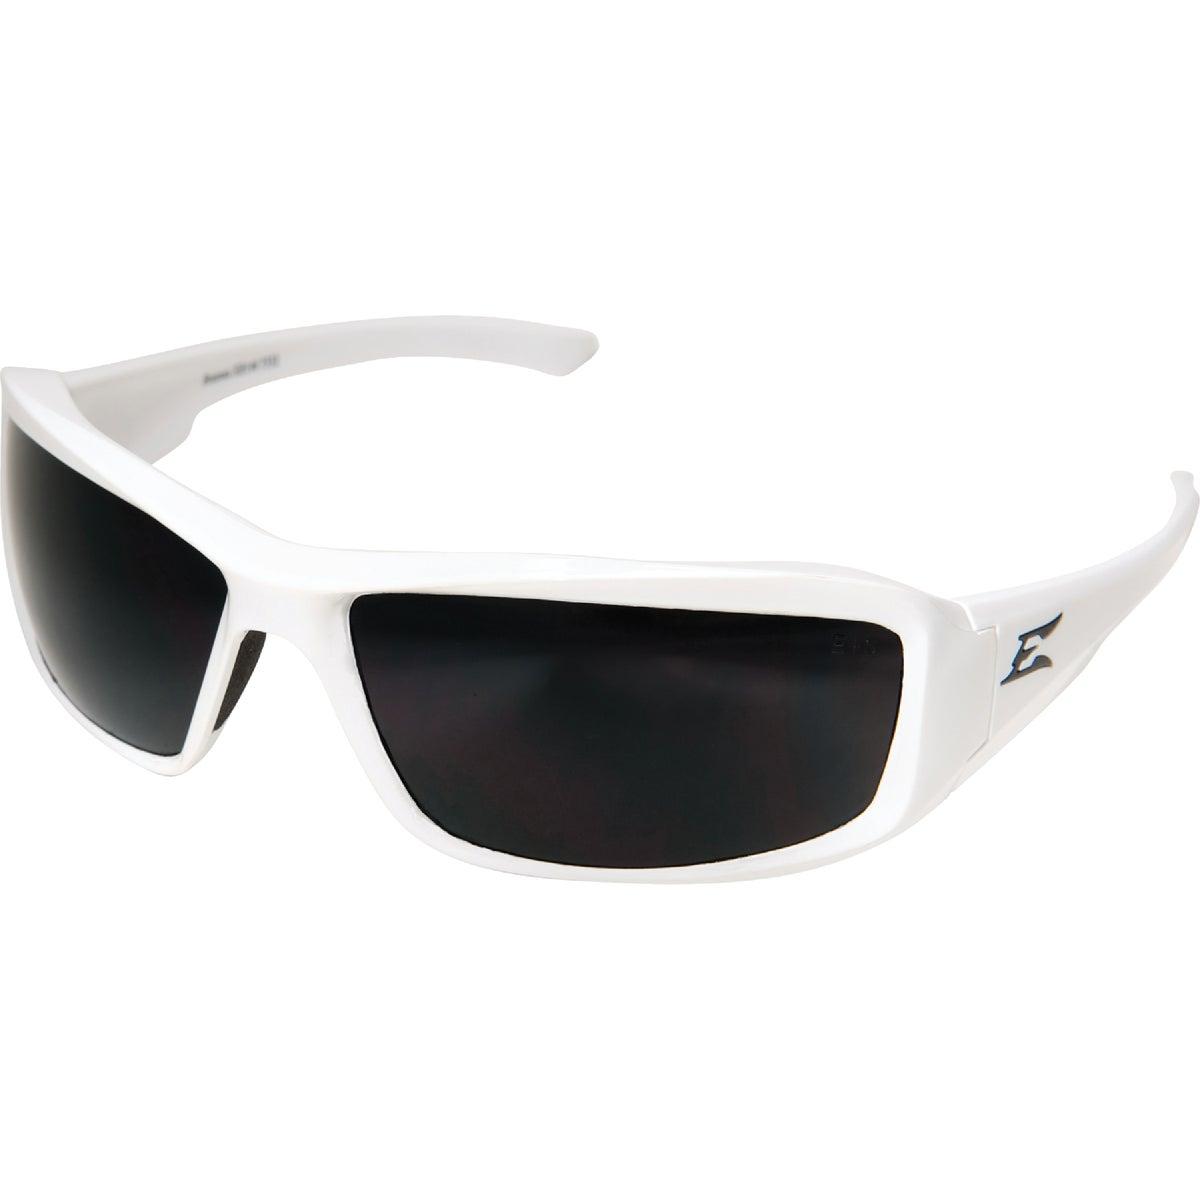 BRAZEAU WHITE/SMOKE LENS - XB146 by Edge Eyewear